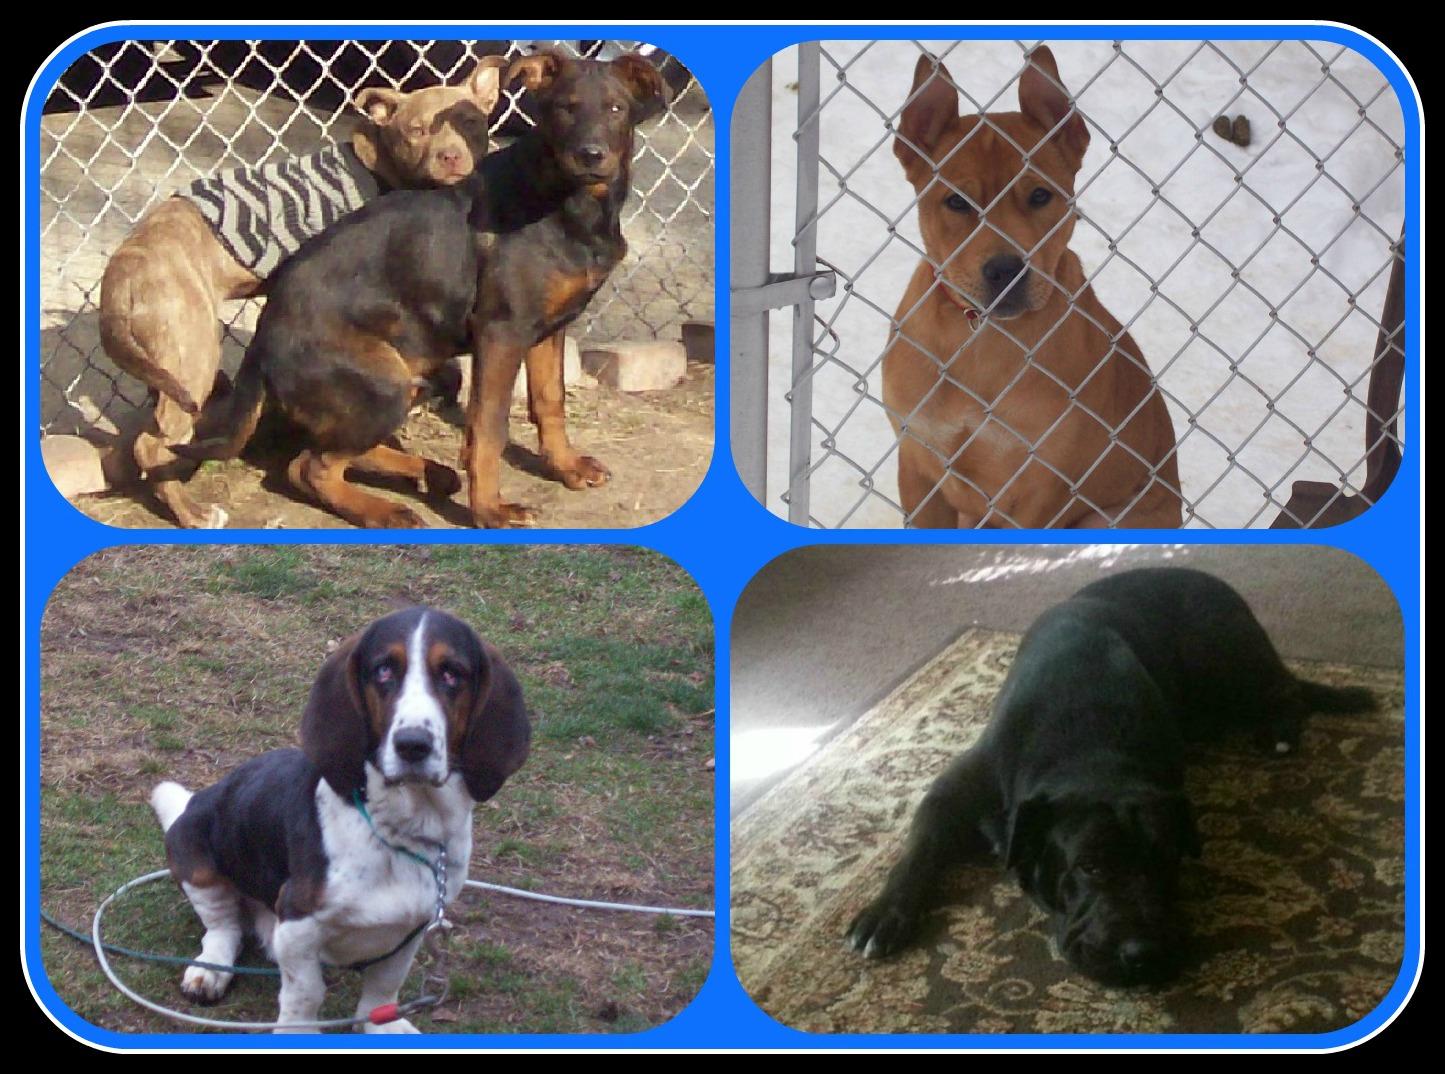 February 14 2013 PicMonkey Collage